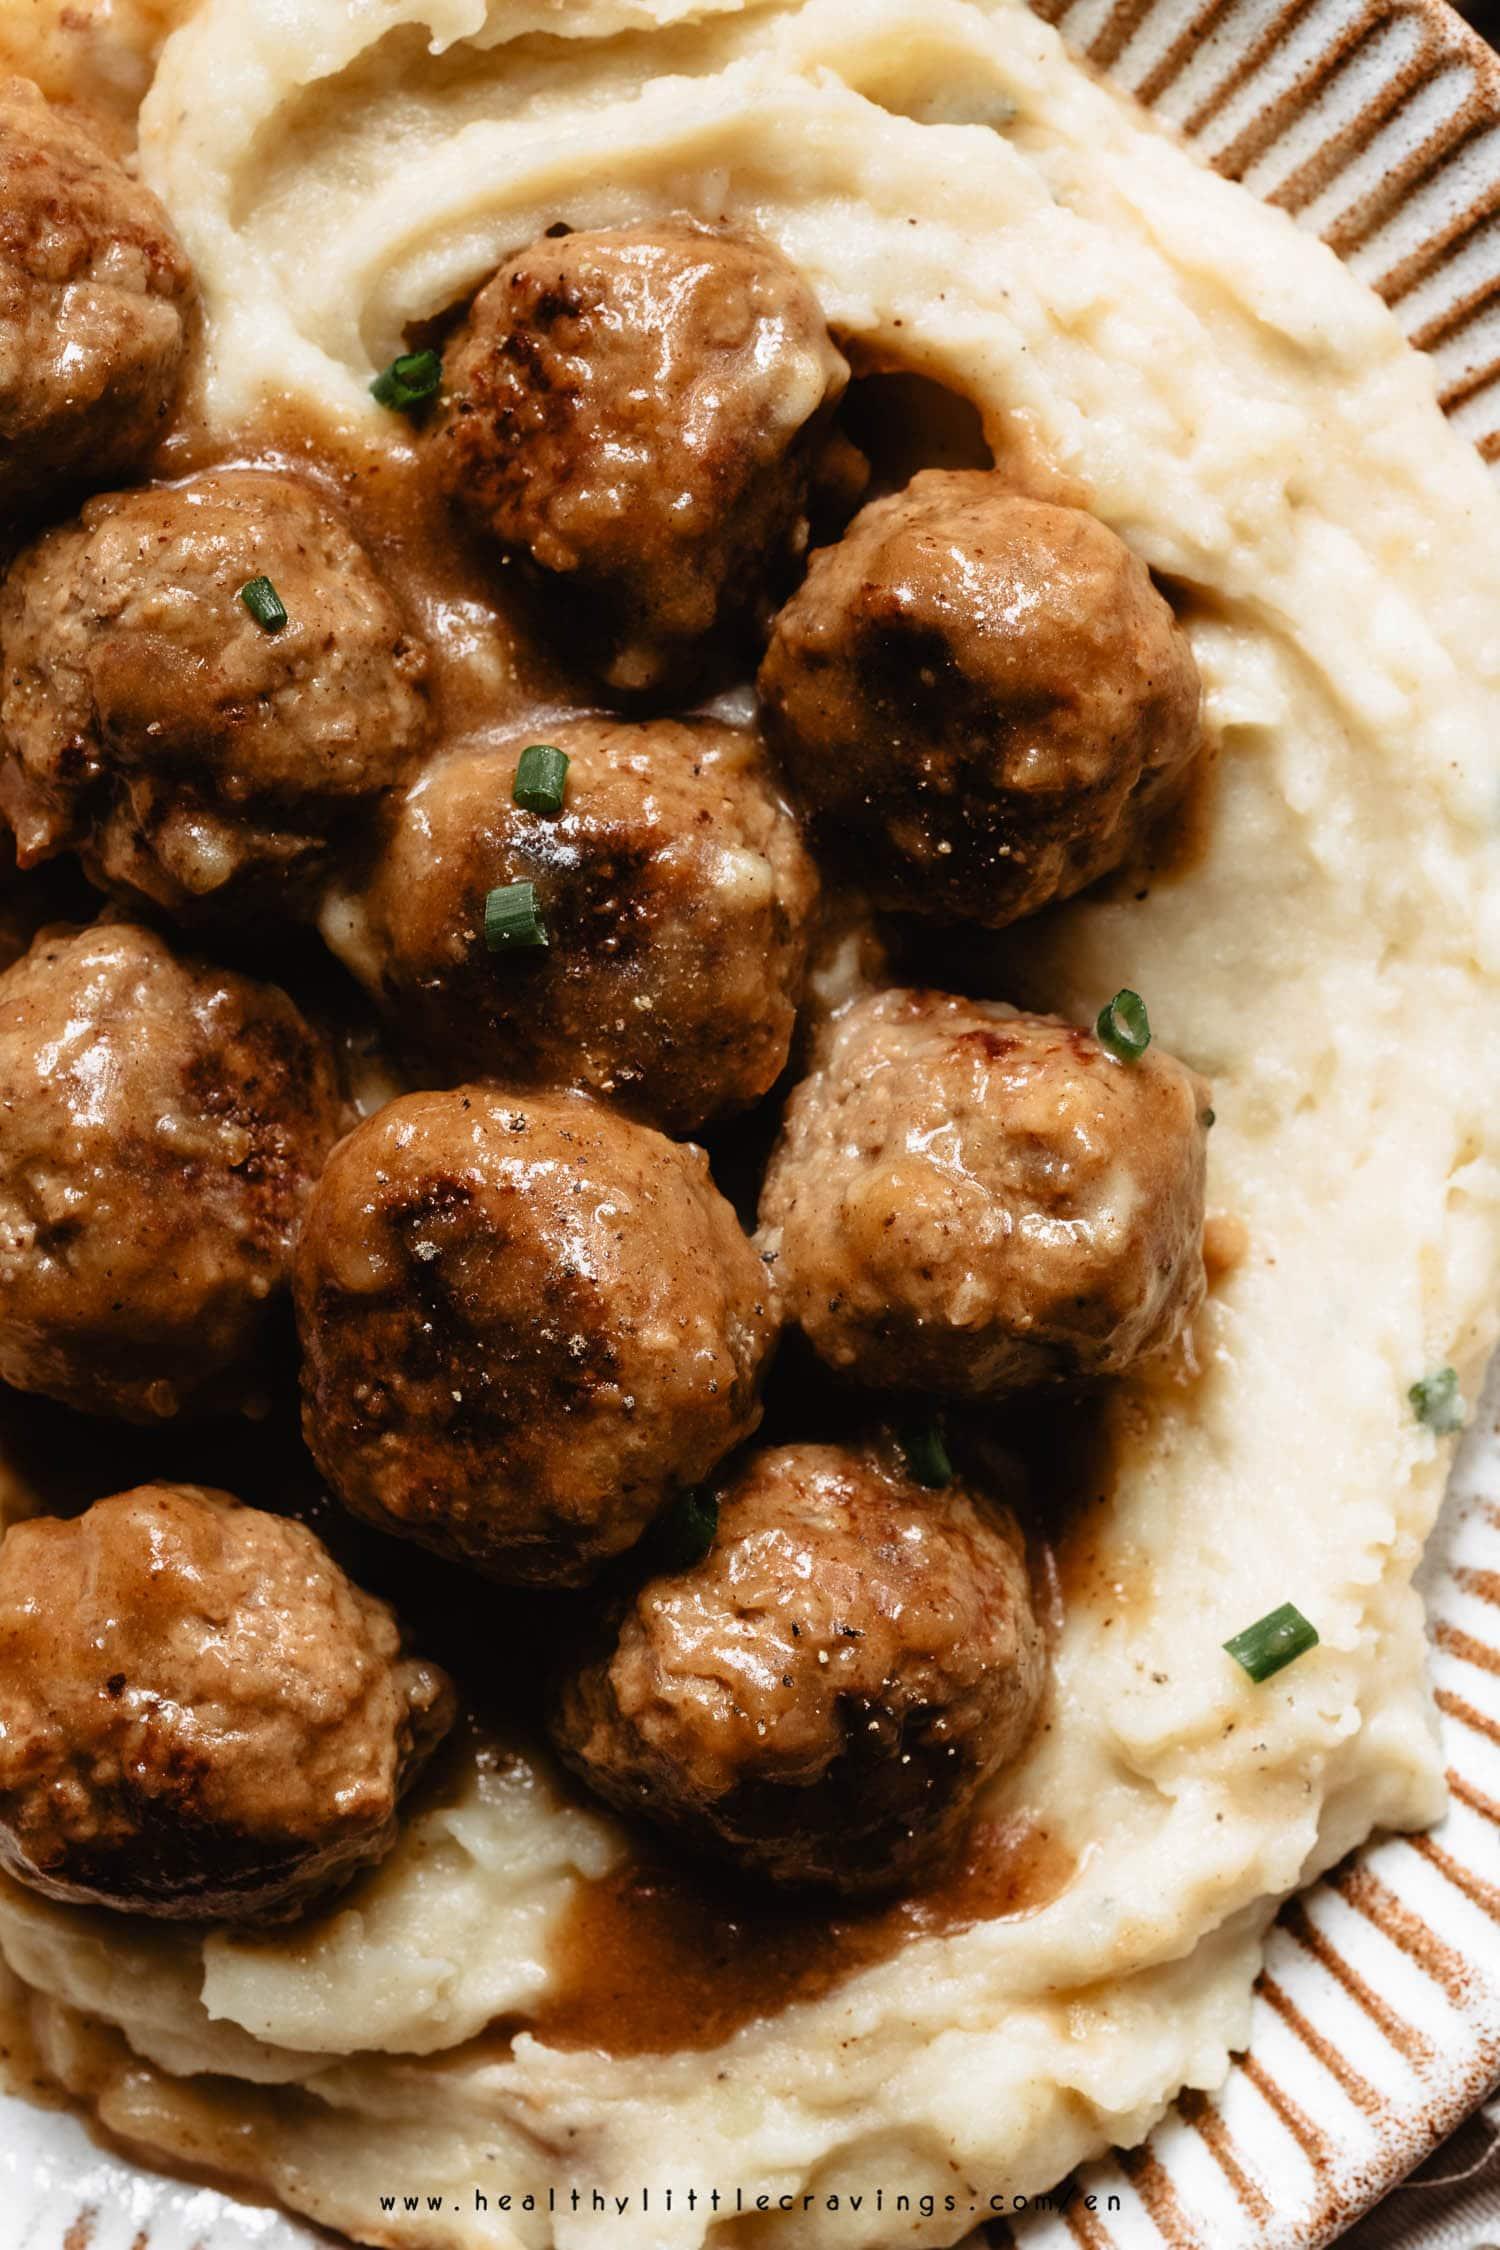 Swedish meatballs on mashed potatoes